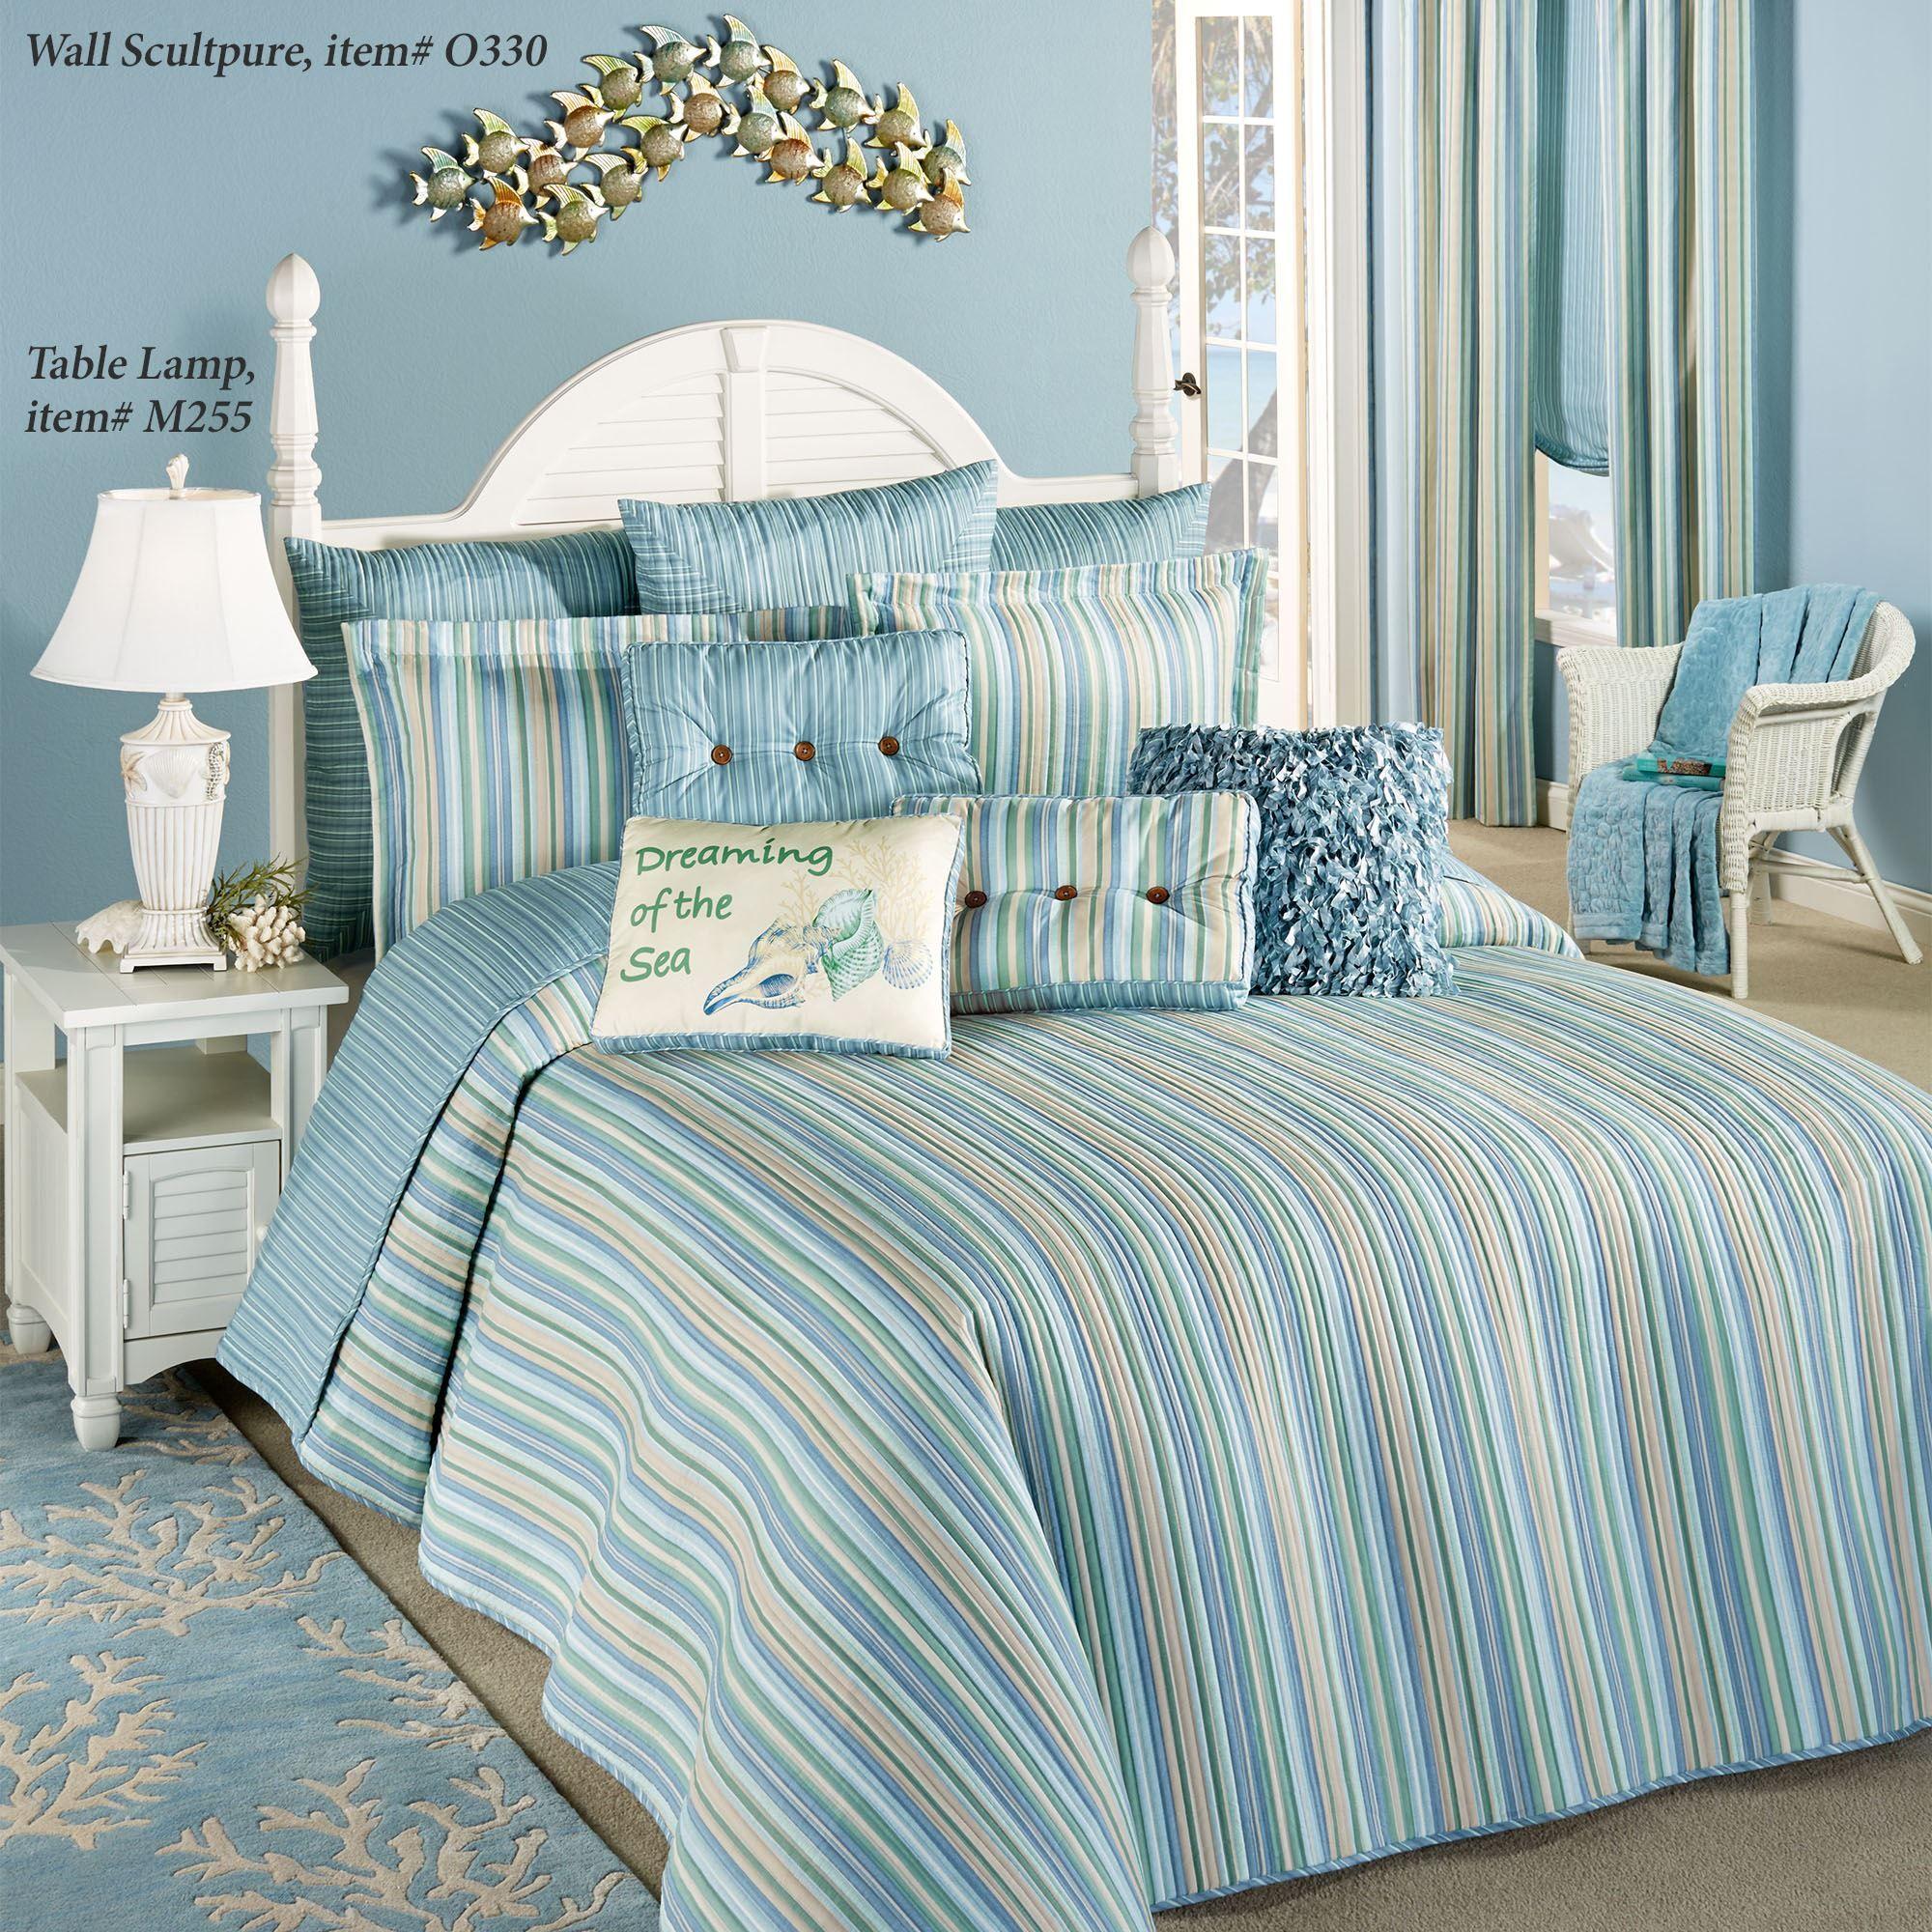 Clearwater Coastal Striped Oversized Bedspread